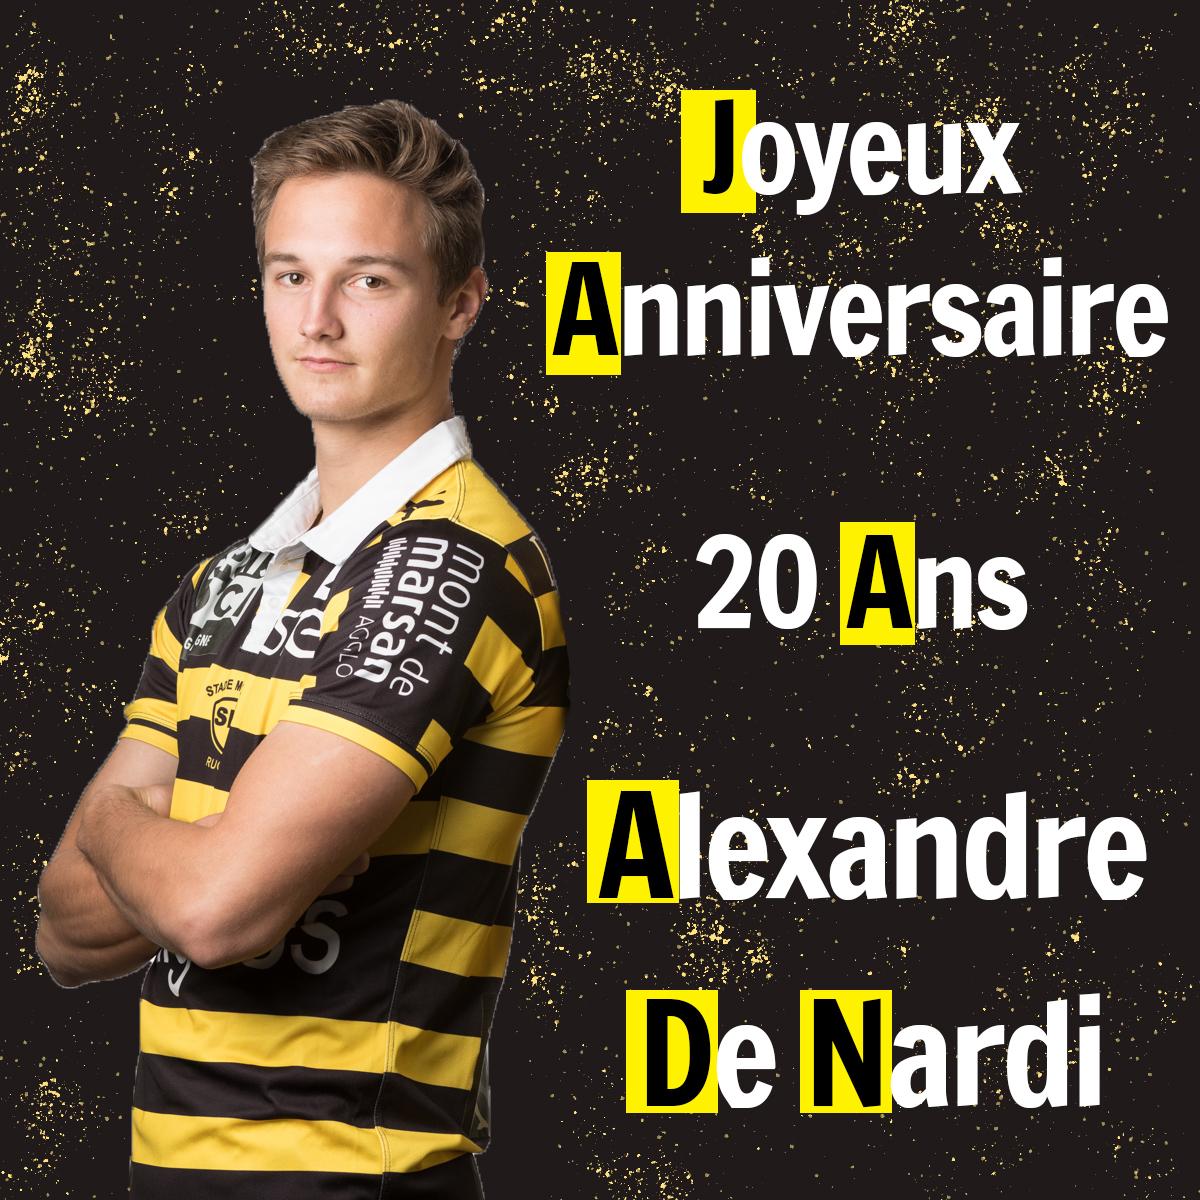 Joyeux Anniversaire Et Felicitations Alexandre De Nardi Stade